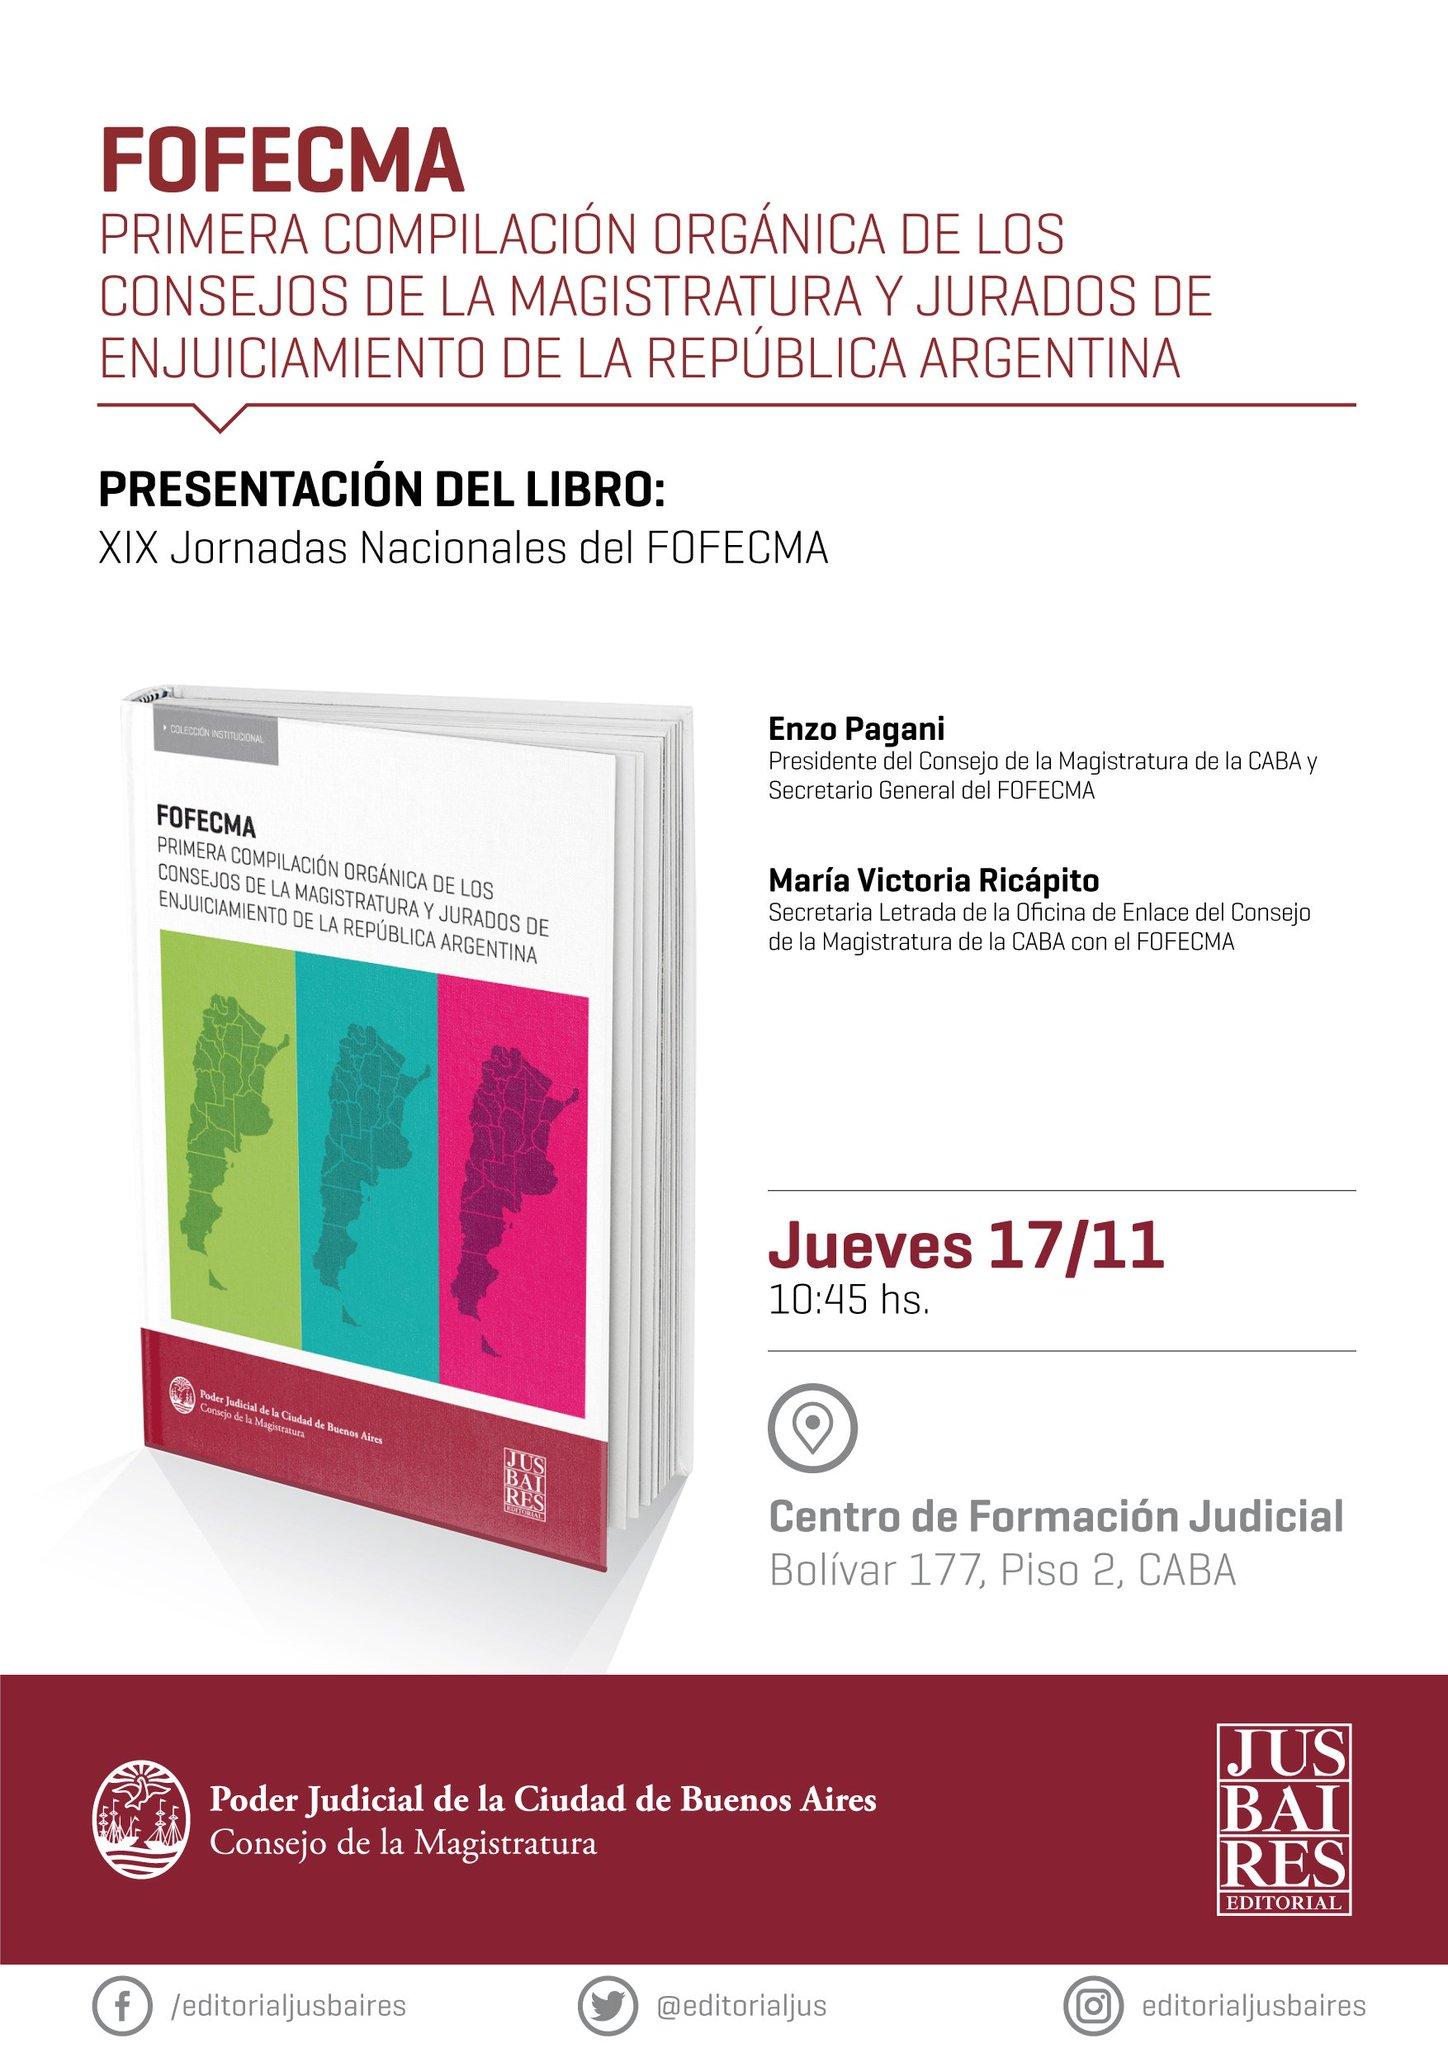 El jueves se presenta el libro FOFECMA en las XIX Jornadas nacionales del @fofecma, ¡te esperamos! https://t.co/pKYqvSkWv0